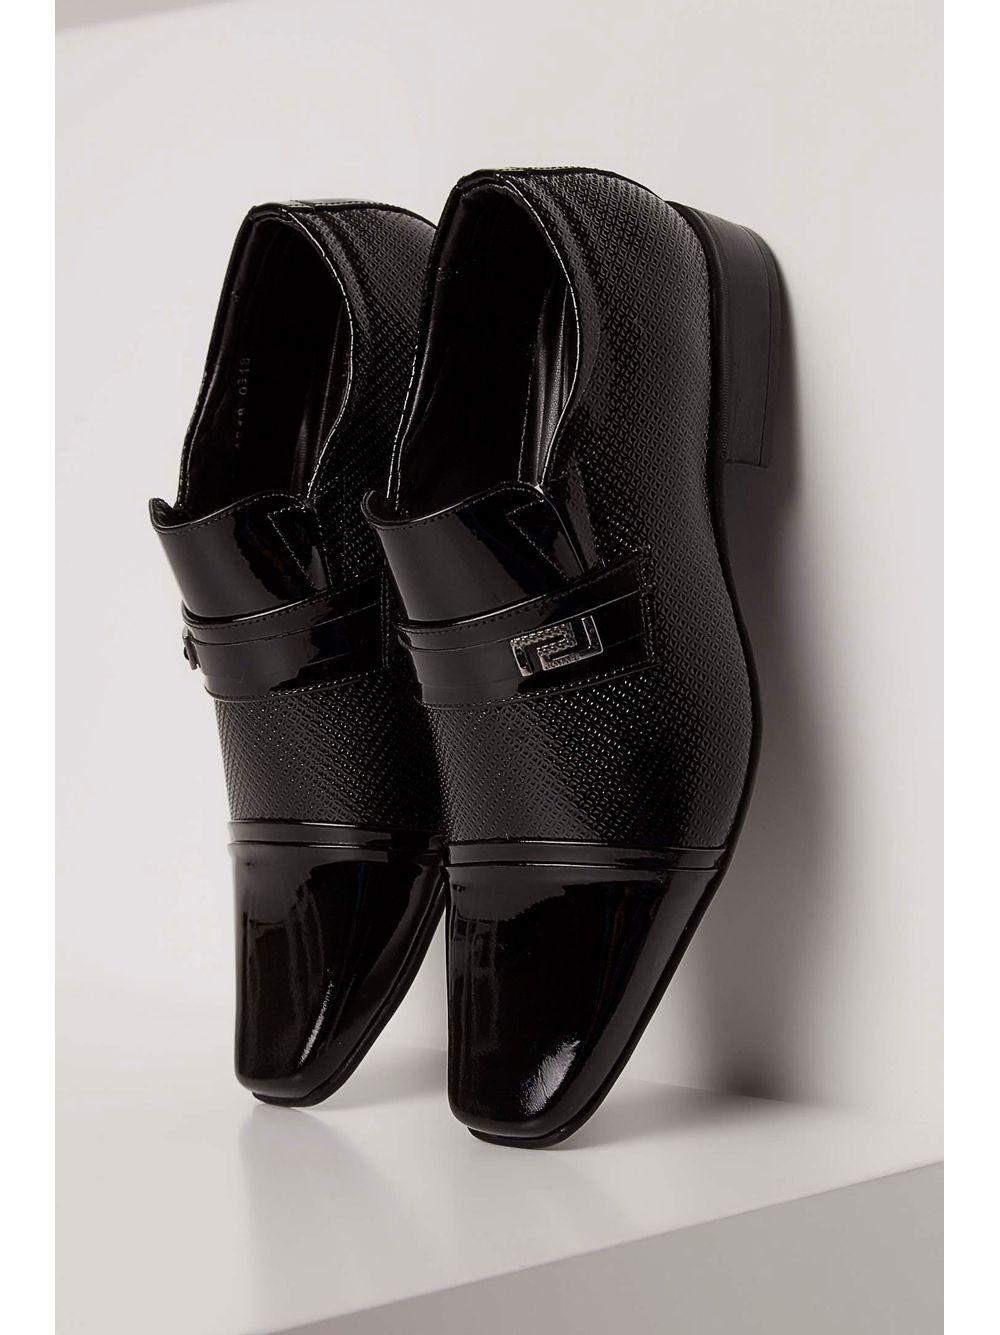 8fe2a20d2 Sapato Jota Pe Social Couro Bico Quadrado Preto - pittol